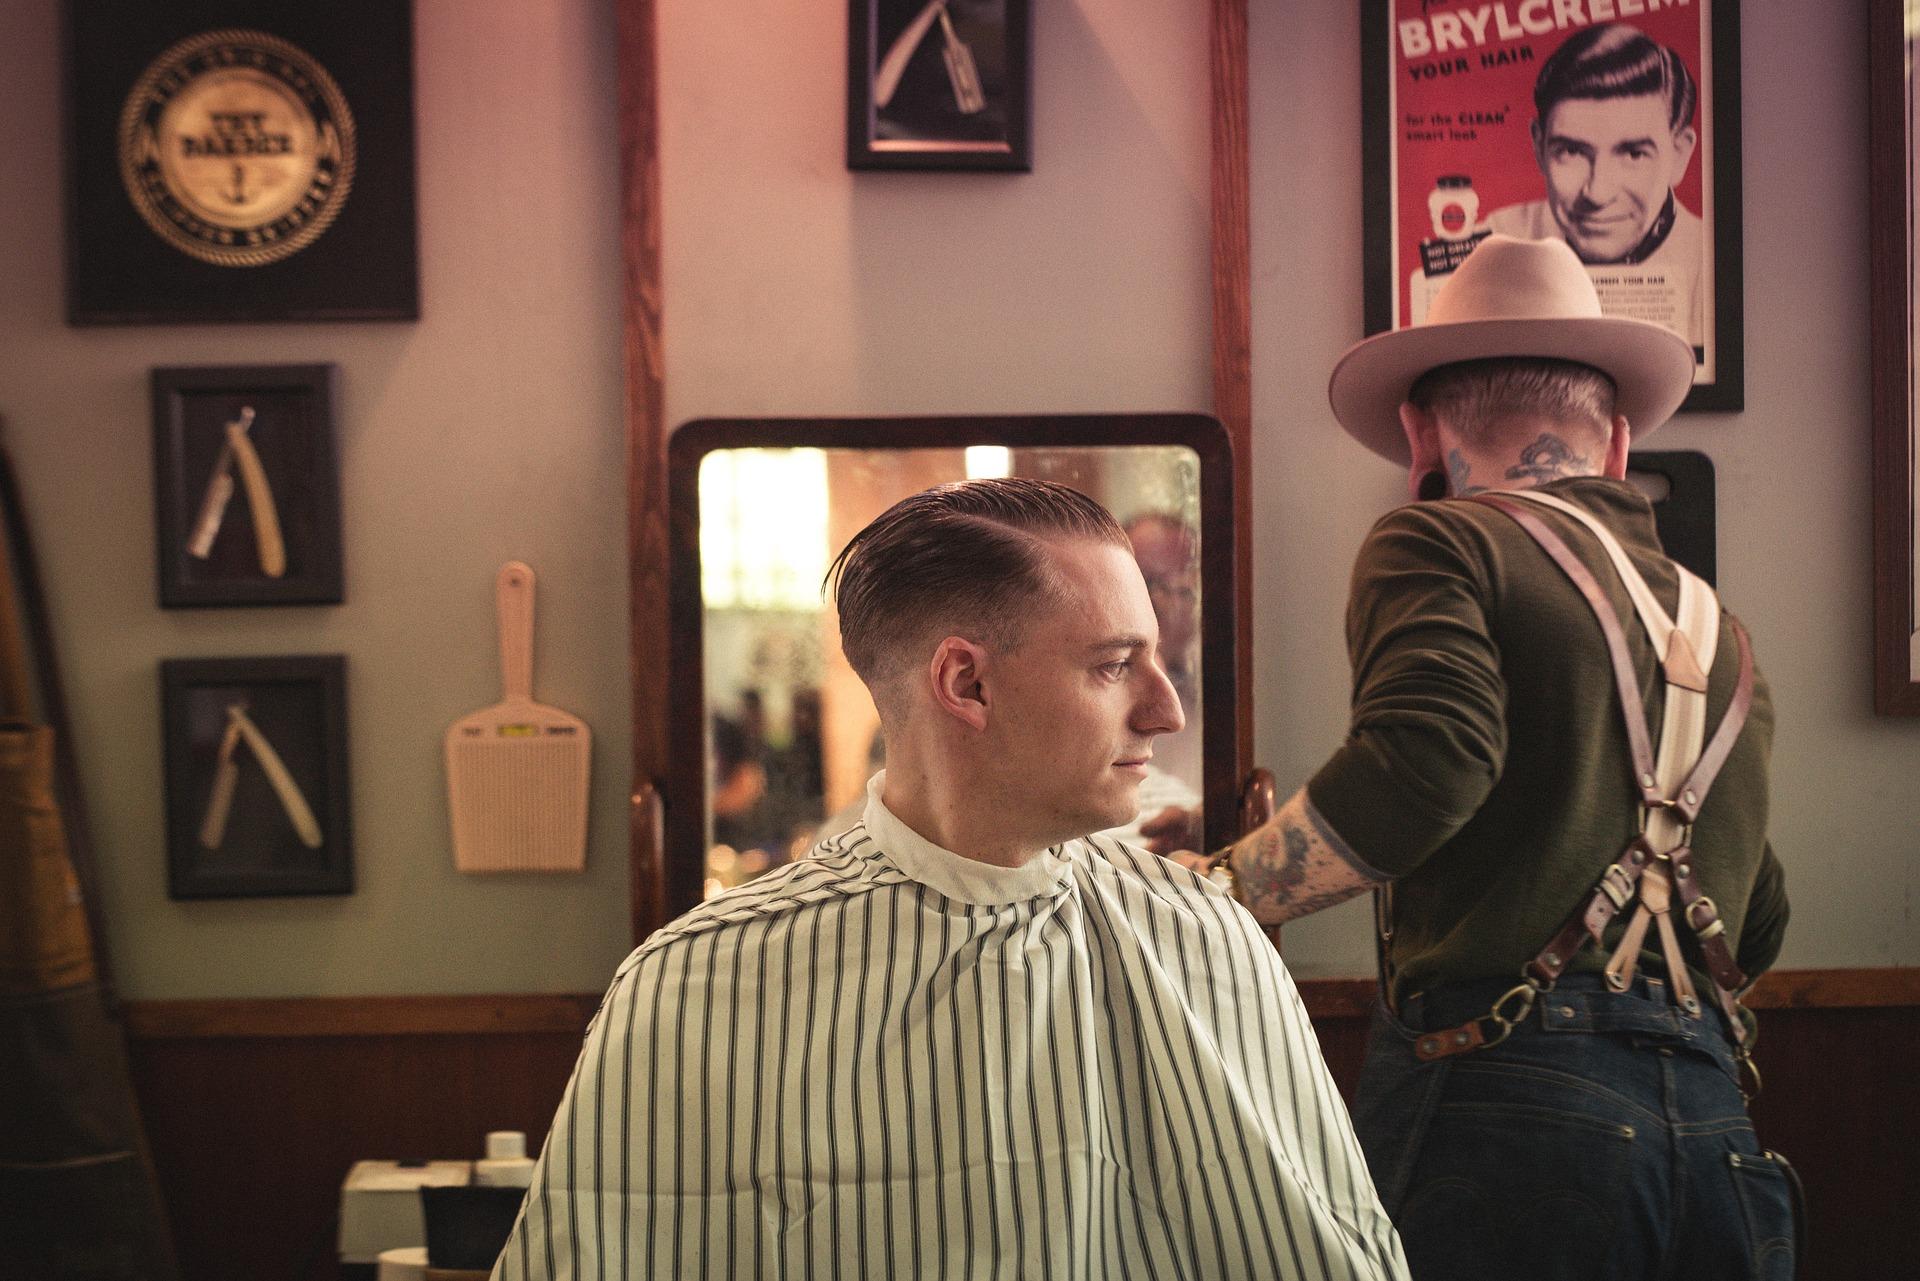 Barbearias (com preço!) em que você pode aproveitar os descontos do Clube